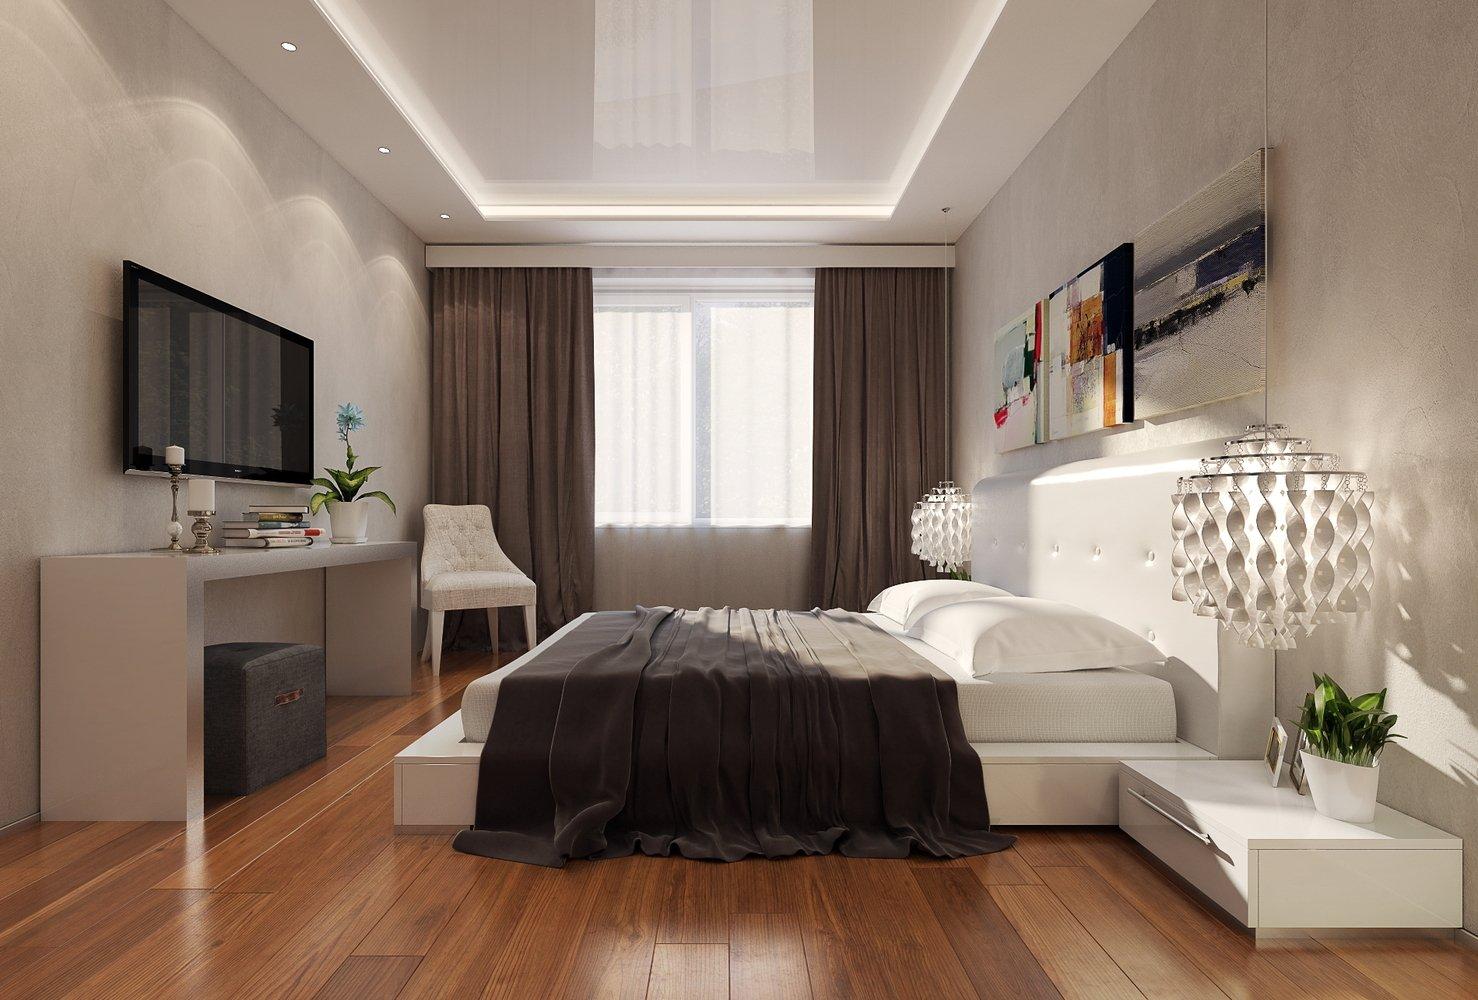 Какие существуют варианты оформления спальни